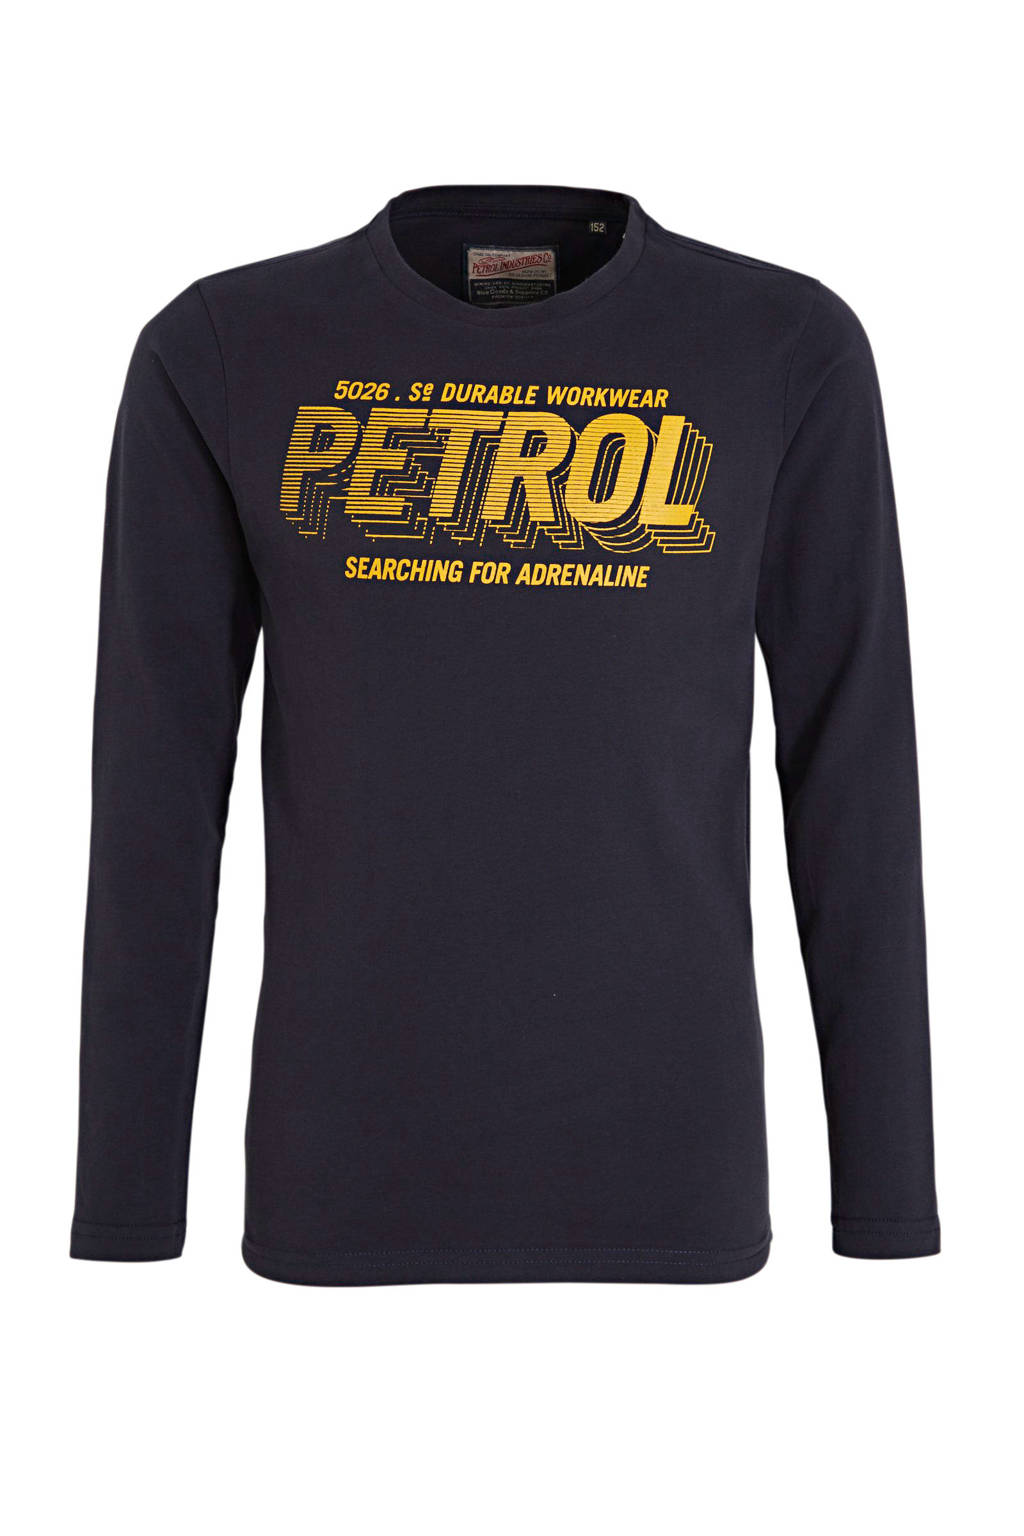 Petrol Industries longsleeve met logo donkerblauw, Donkerblauw